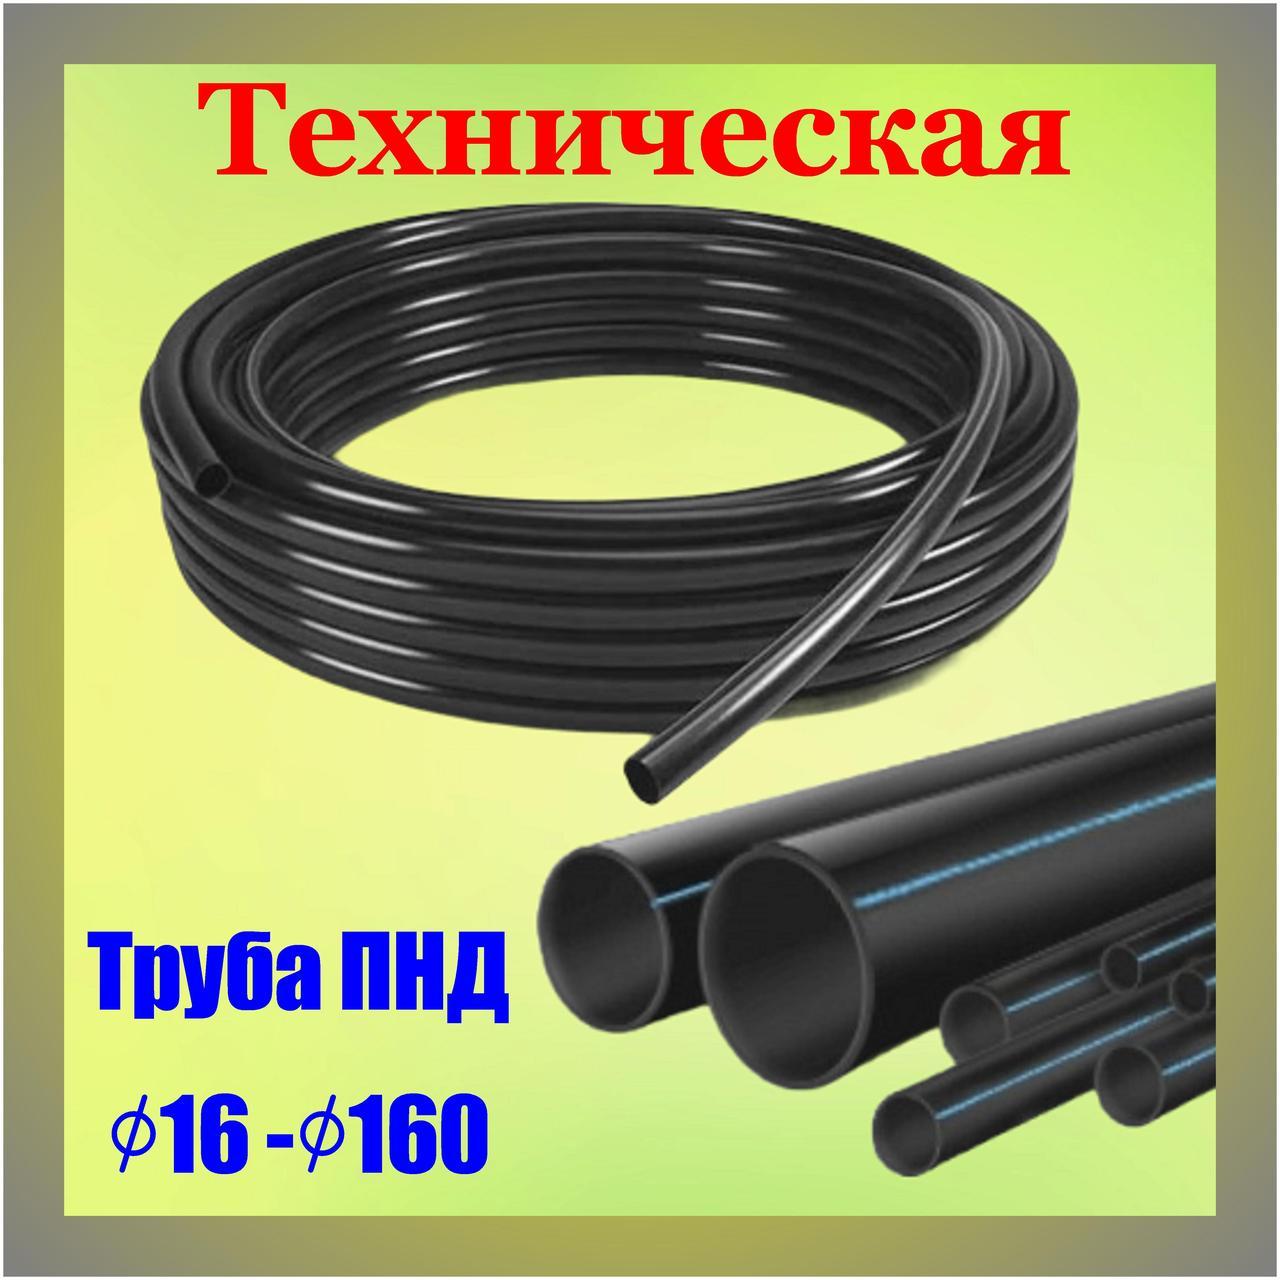 Труба ПНД 90 мм техническая